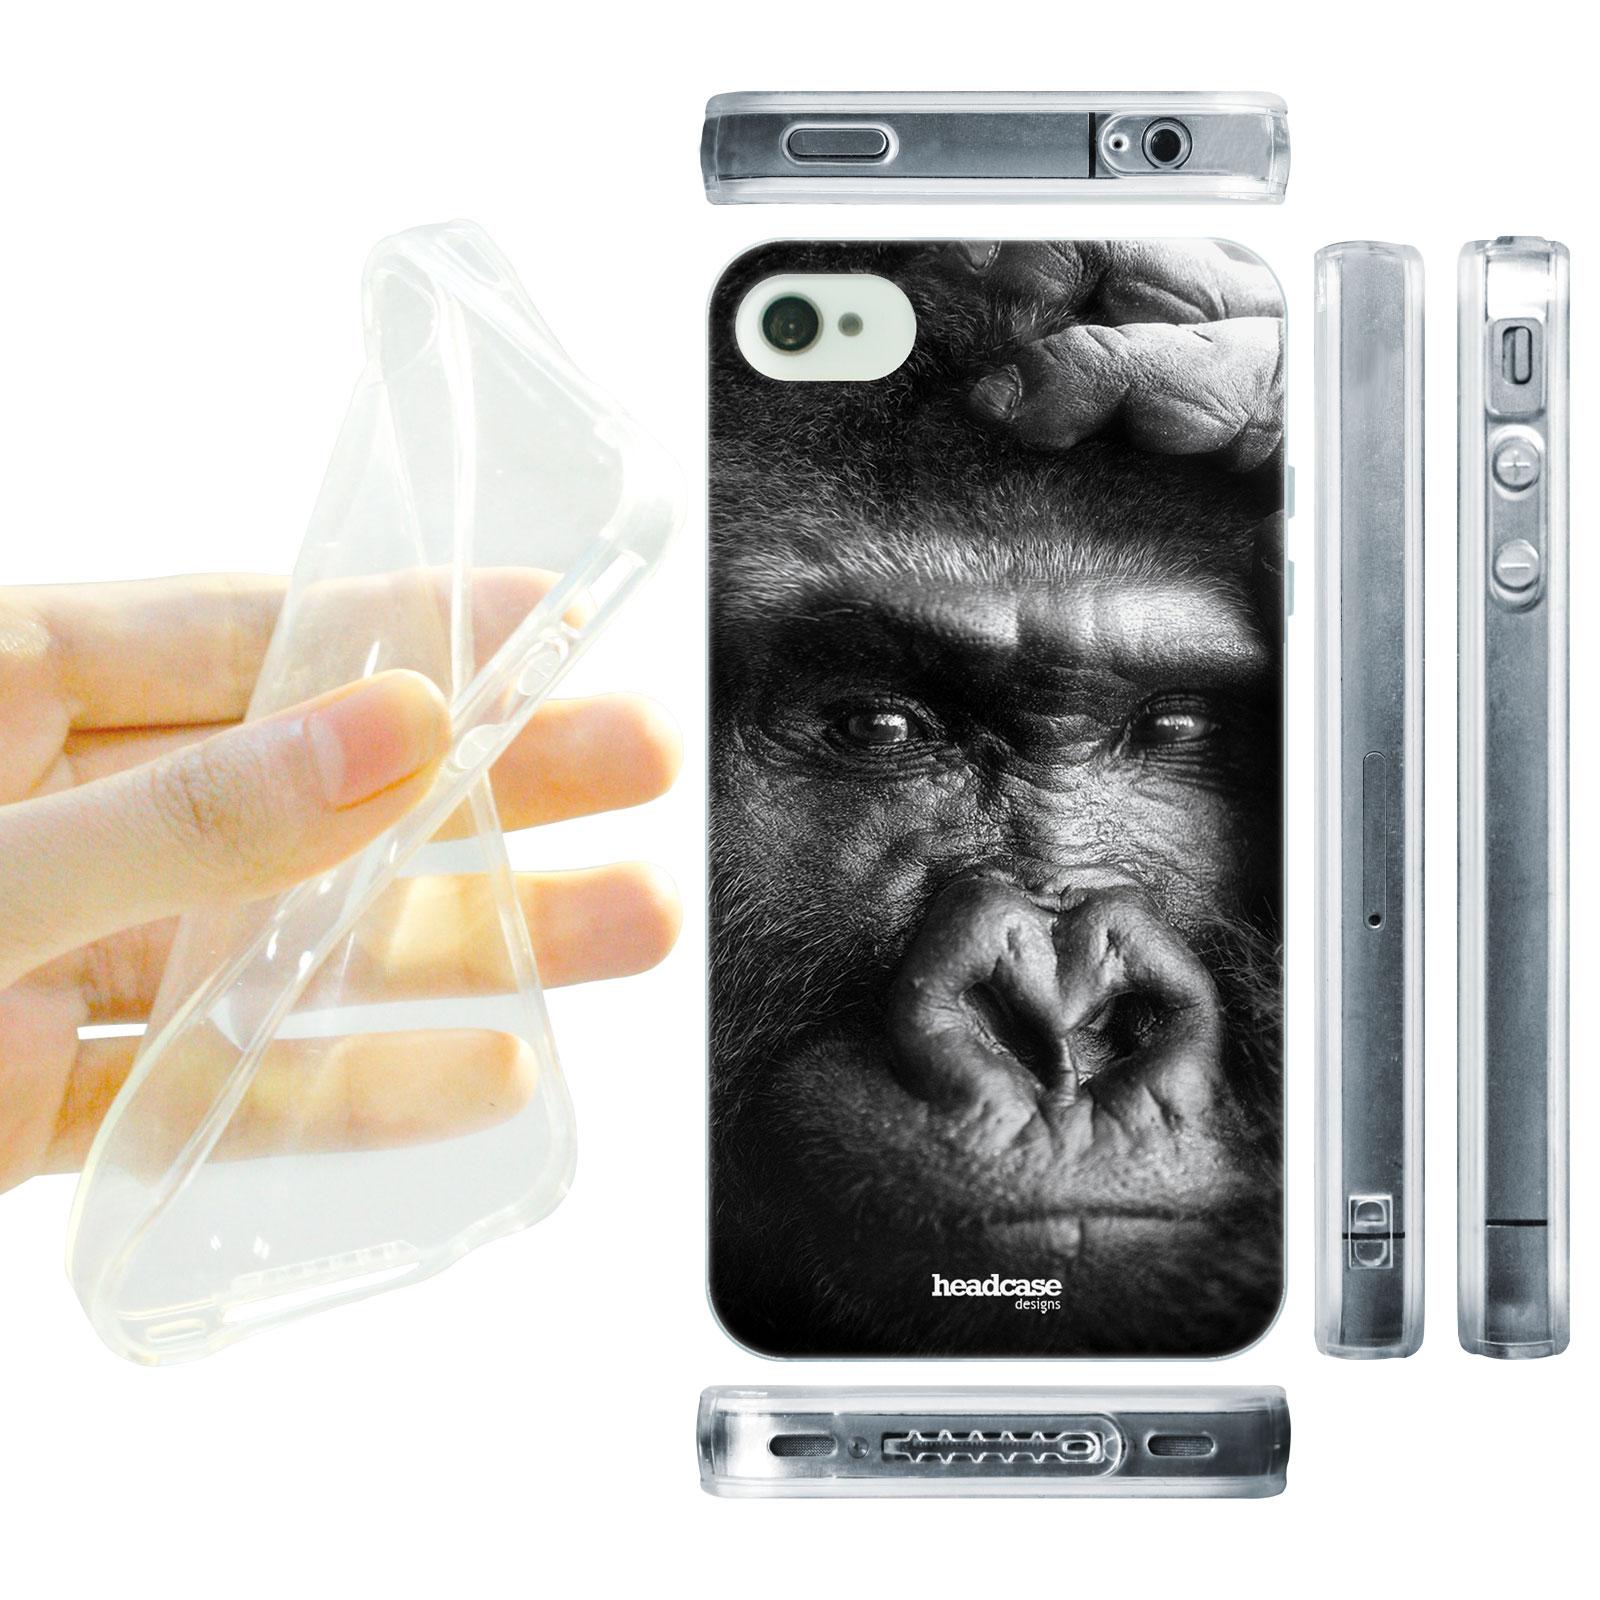 HEAD CASE silikonový obal na mobil Iphone 4/4S divočina černobílá fotka Gorila tvář